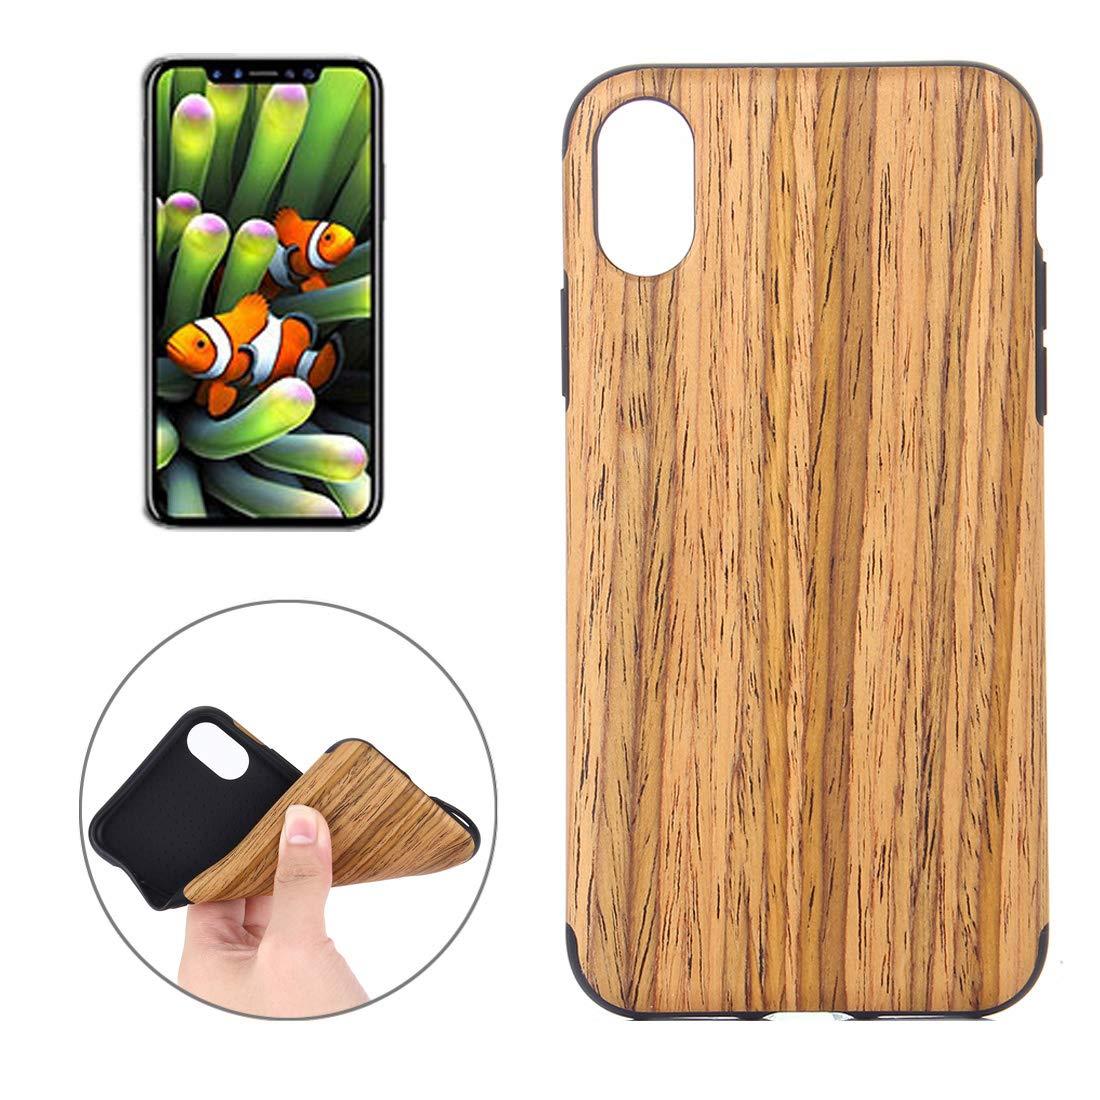 CHENGUANGLONG Accesorios para Celular Silicona Celular Estuches y Fundas for iPhone X/XS Negro Rose Textura de Madera a Prueba de Golpes de TPU Protector Caso de la contraportada (Color : Color4): Amazon.es: